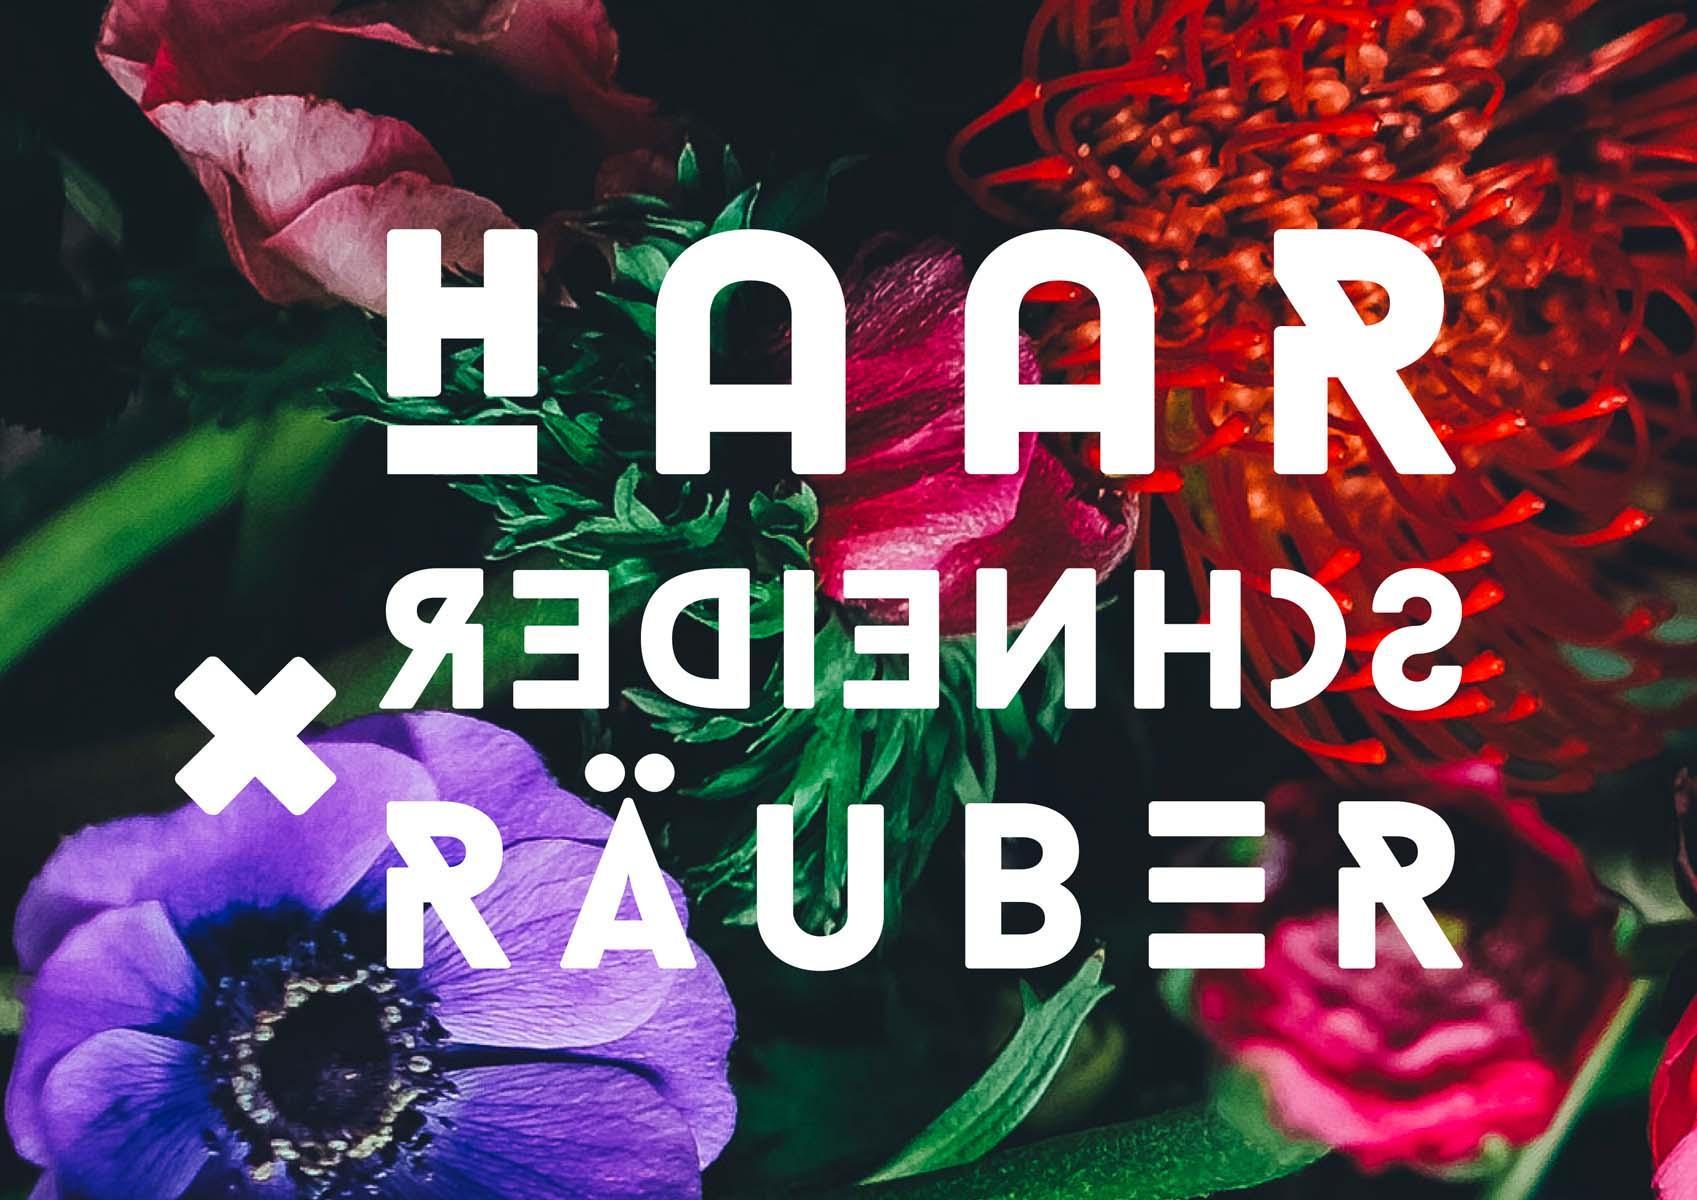 haarschneider_rauber_logo2